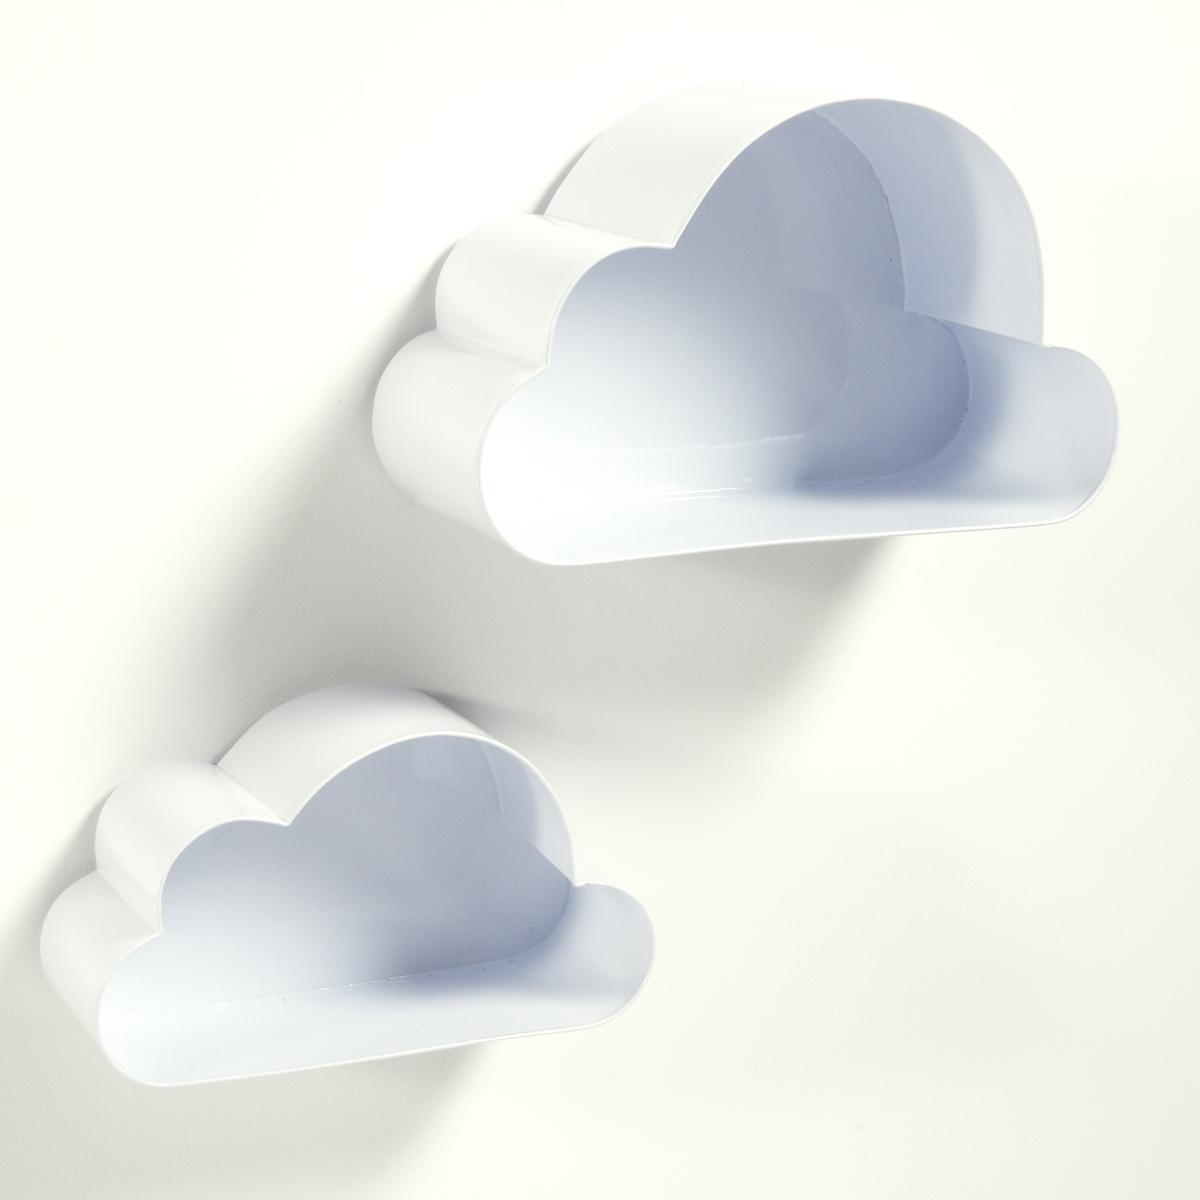 2 полки настенные в форме облака, SpacielleХарактеристики 2 полок настенных в форме облака  Spacielle  :Металлический корпус с эпоксидным покрытием.Планки для крепления на стену .- Шурупы и дюбеля продаются отдельно.Размеры 2 полок настенных Spacielle  :Модель 1 : 31 x 17,5 x 12 см Модель 2 : 38 x 23,5 x 17 см<br><br>Цвет: белый